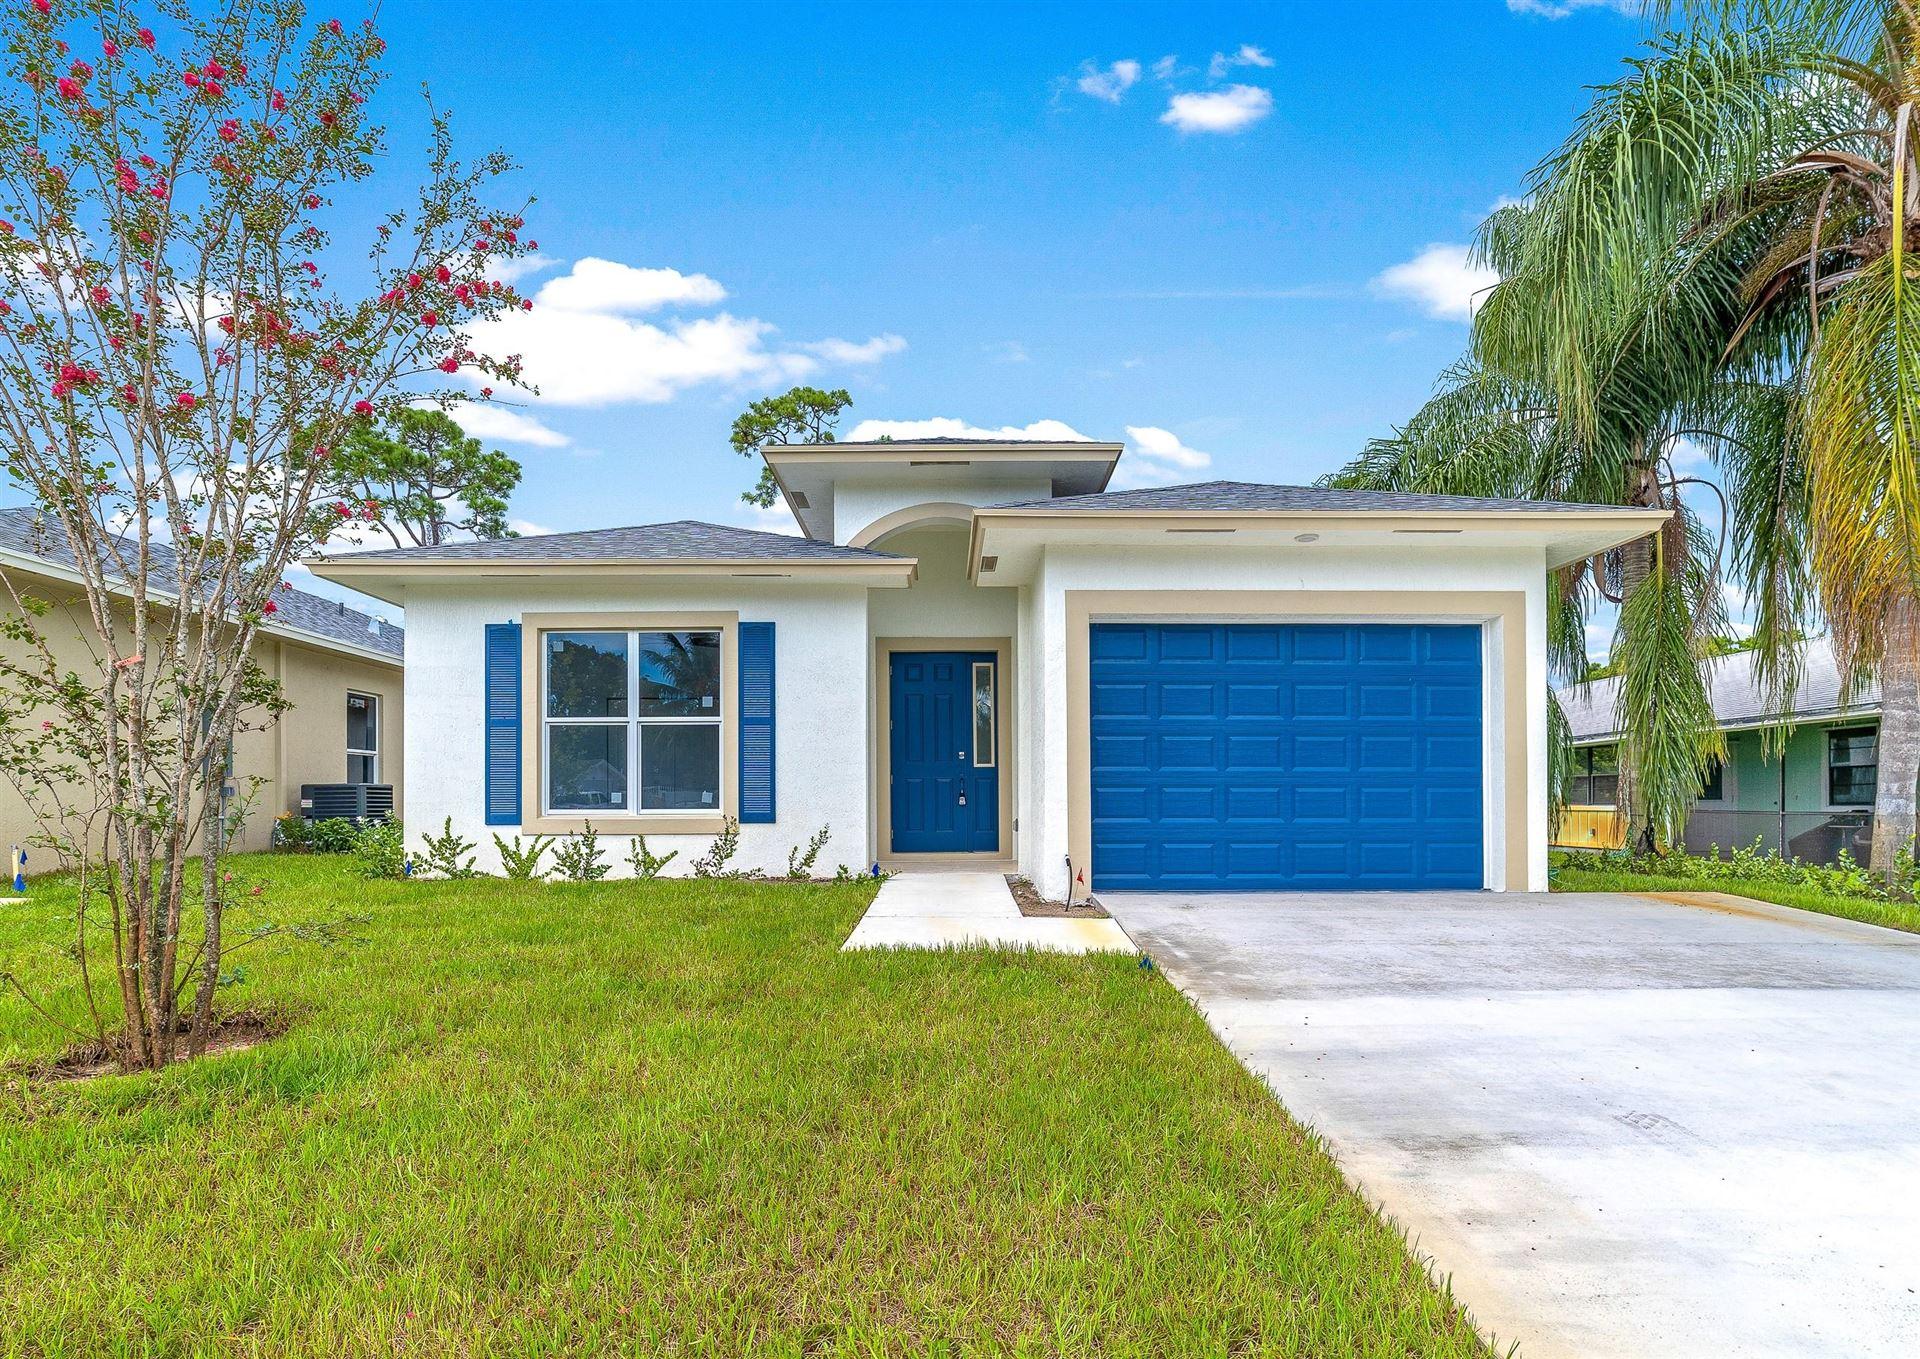 917 Fitch Drive, West Palm Beach, FL 33415 - #: RX-10642628